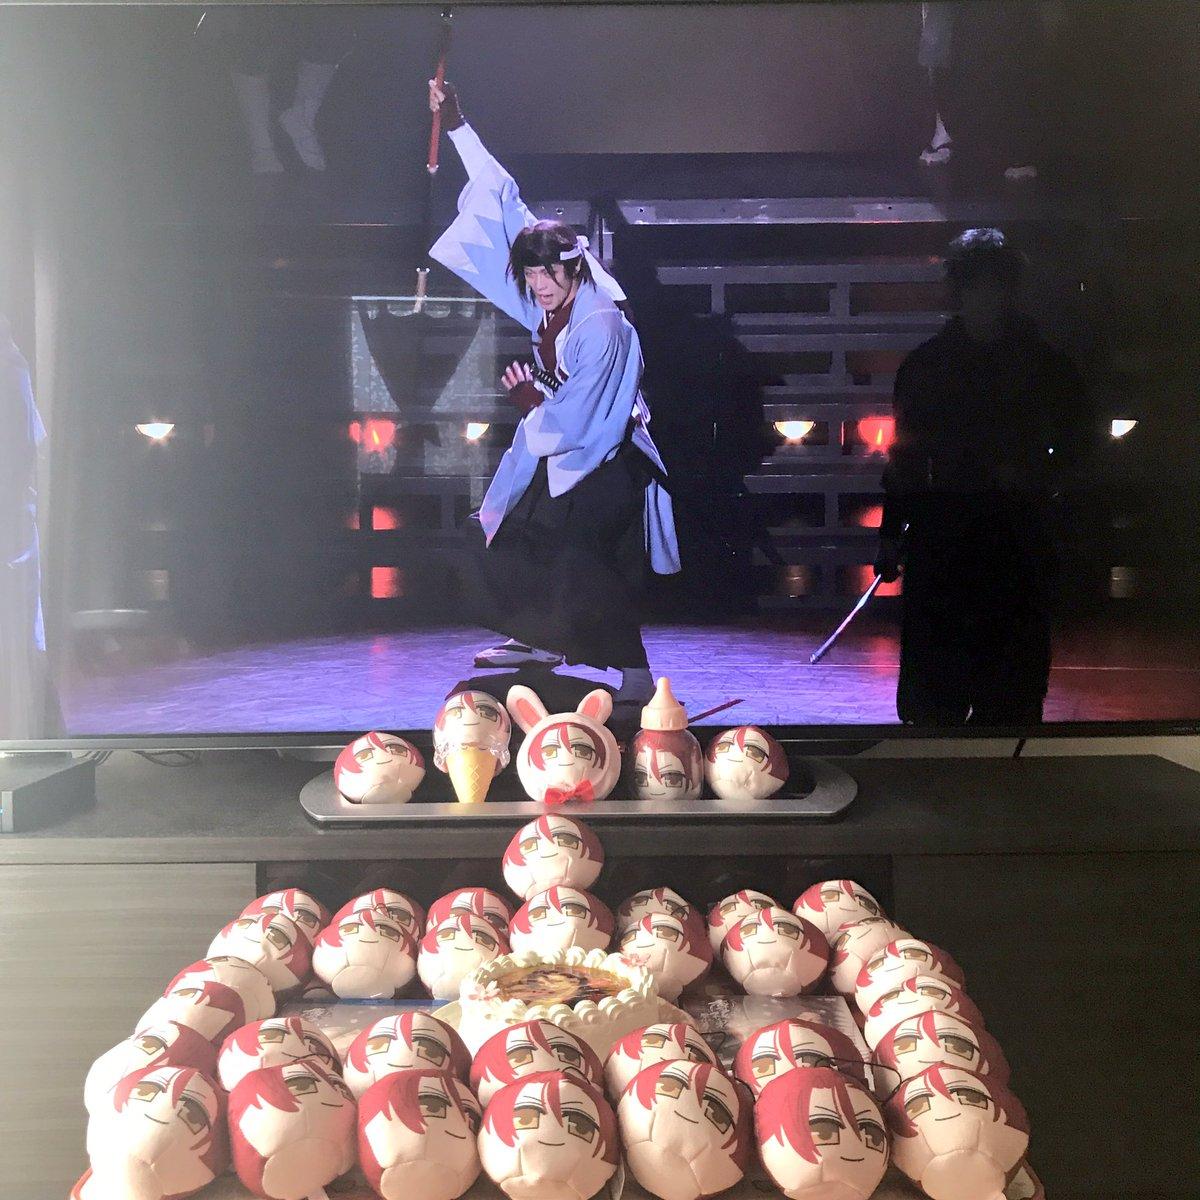 ミュージカル薄桜鬼 原田左之助篇発売おめでとうございまぁぁぁあああああああす!!!!!!!!!!!!💓🎉🎉🎉🎉🎉💓👐👏👐